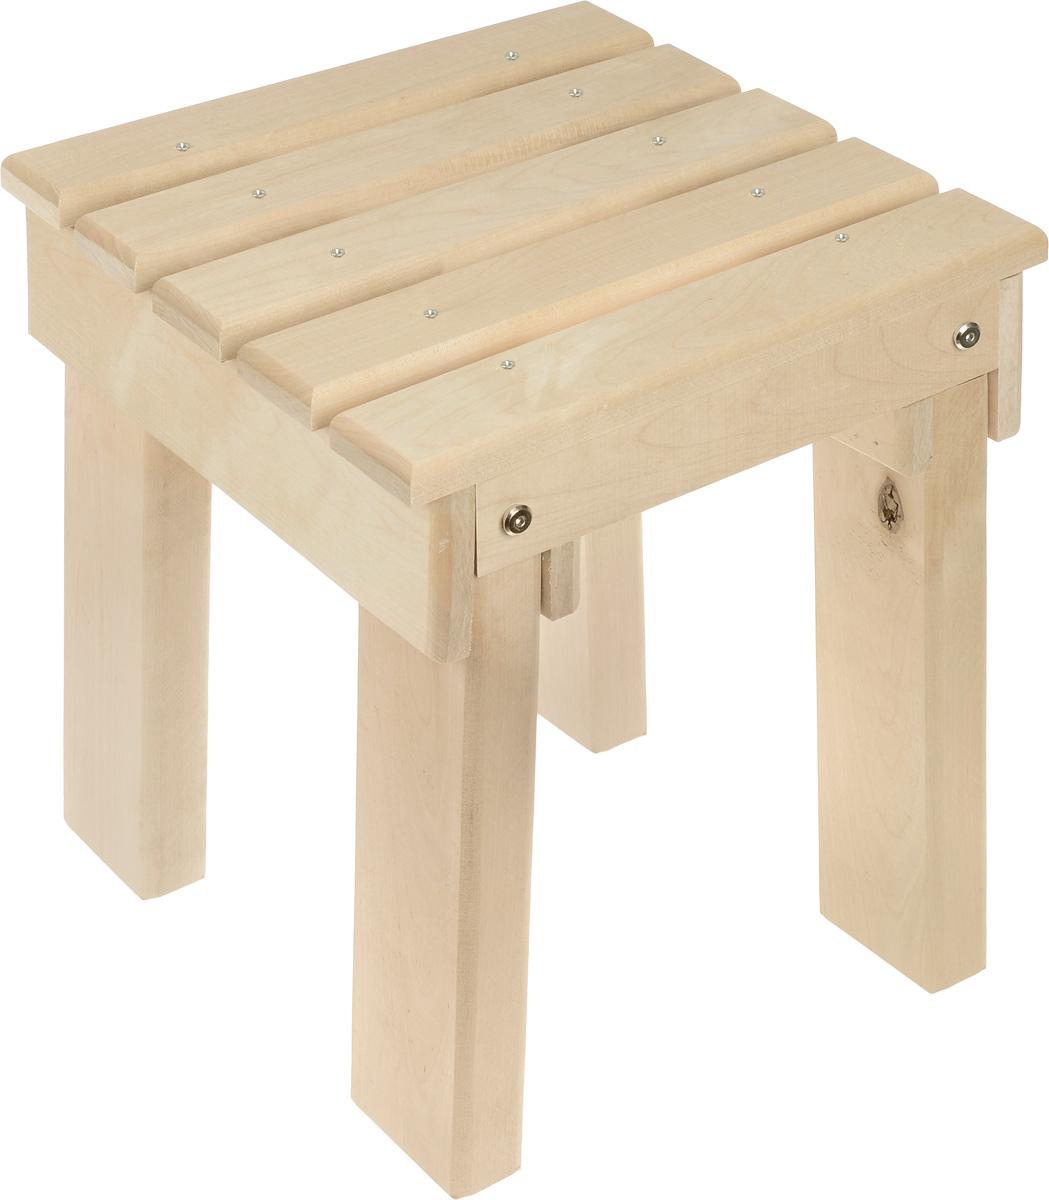 Табурет Proffi Кардинал, 35 х 35 х 42 смБ4201Удобный и практичный табурет Proffi Кардинал, изготовленный из березы, подходит для использования в бане и сауне. Компактный и надежный, занимает мало места. Табурет Proffi Кардинал имеет сборную конструкцию, в комплект входит 4 мебельных болта и 10 саморезов. Размер табурета в собранном виде: 35 х 35 х 42 см.